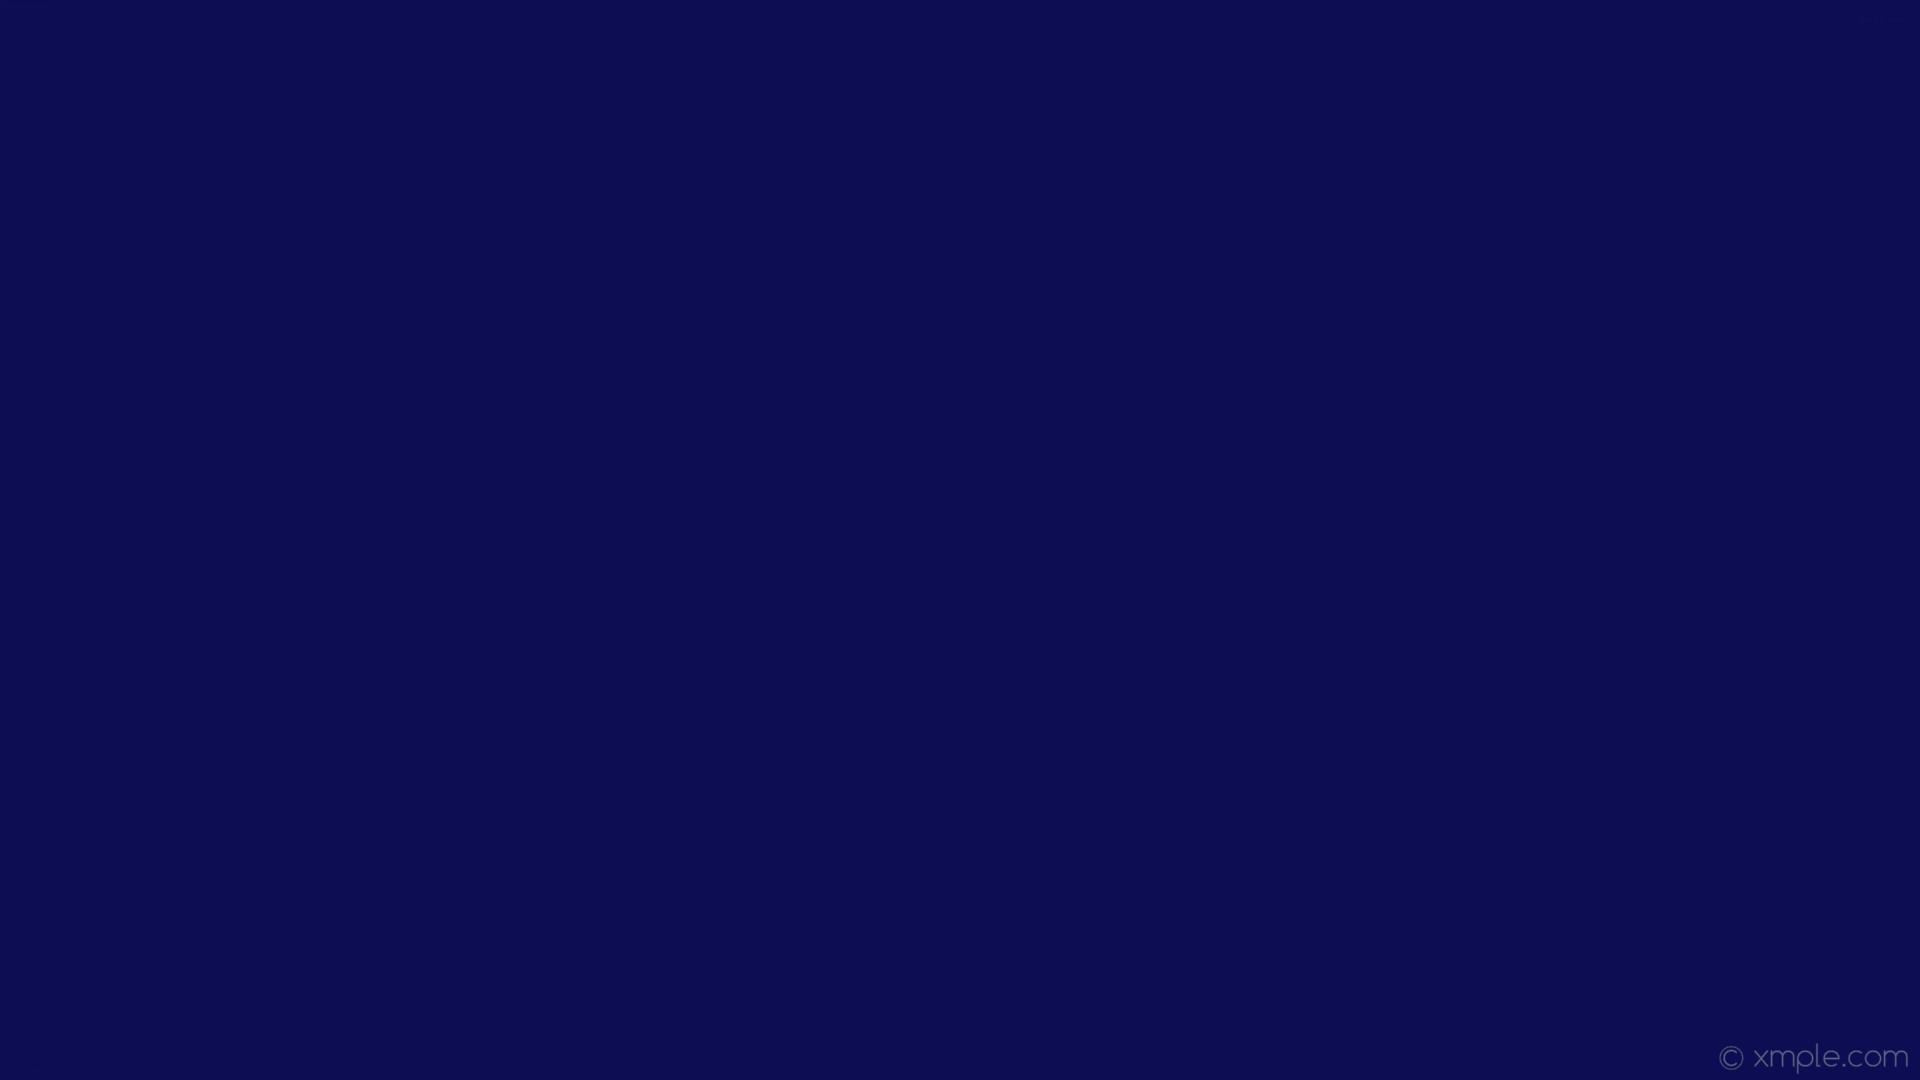 wallpaper solid color plain one colour single blue dark blue #0c0d52